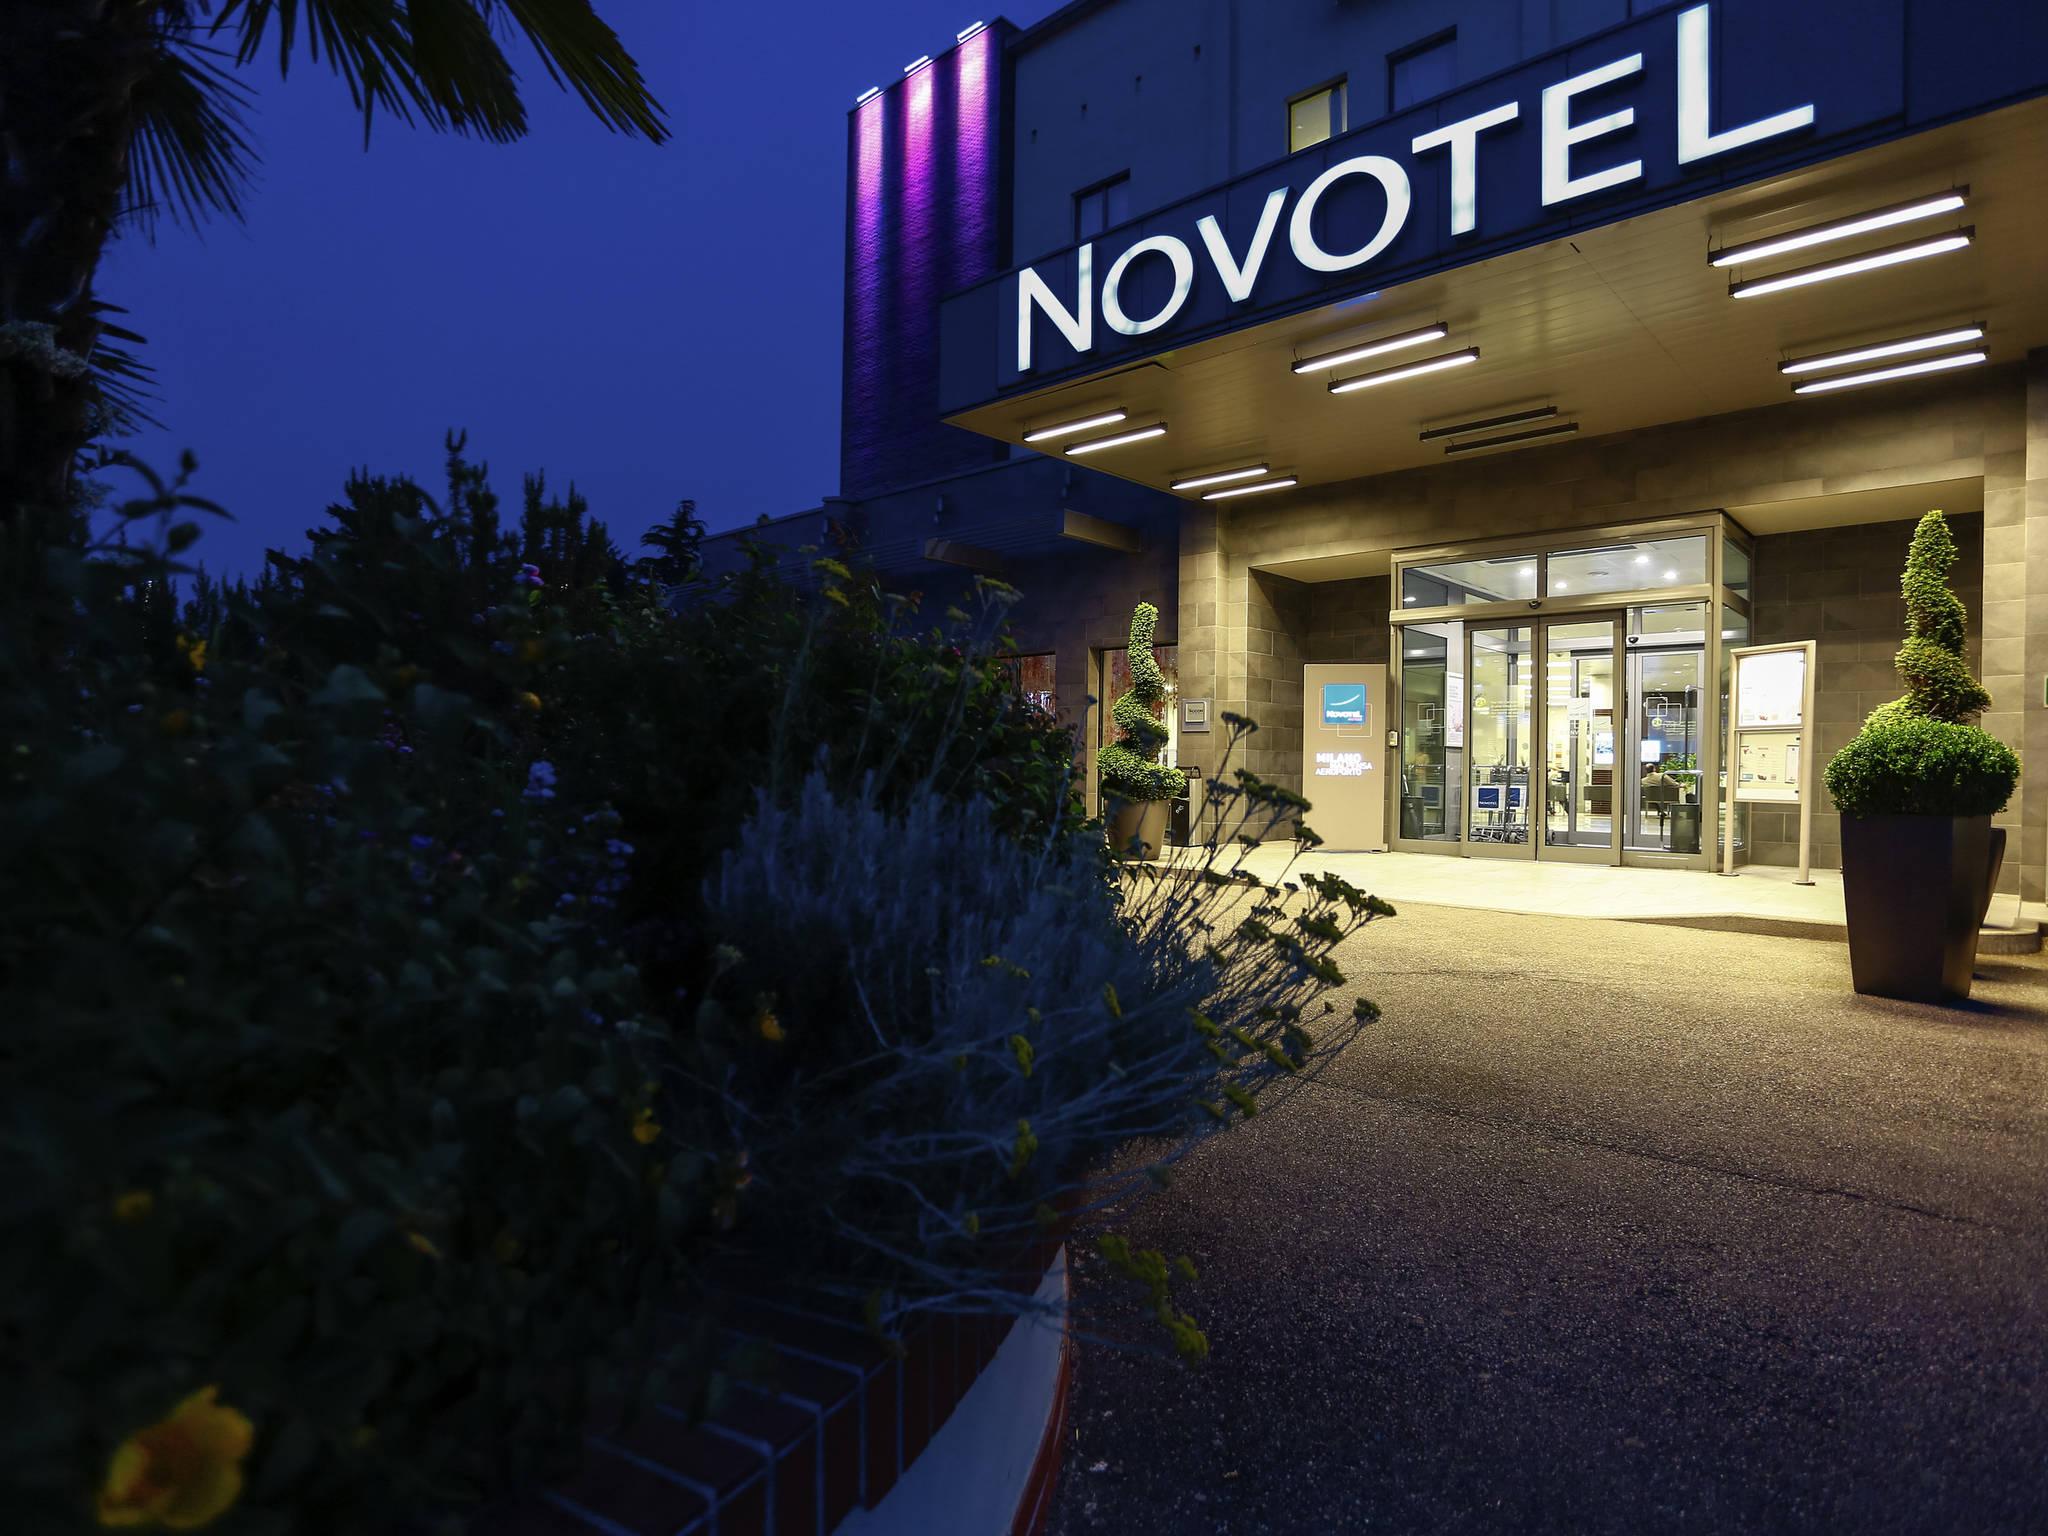 ホテル – ノボテルミラノマルペンサエアポート